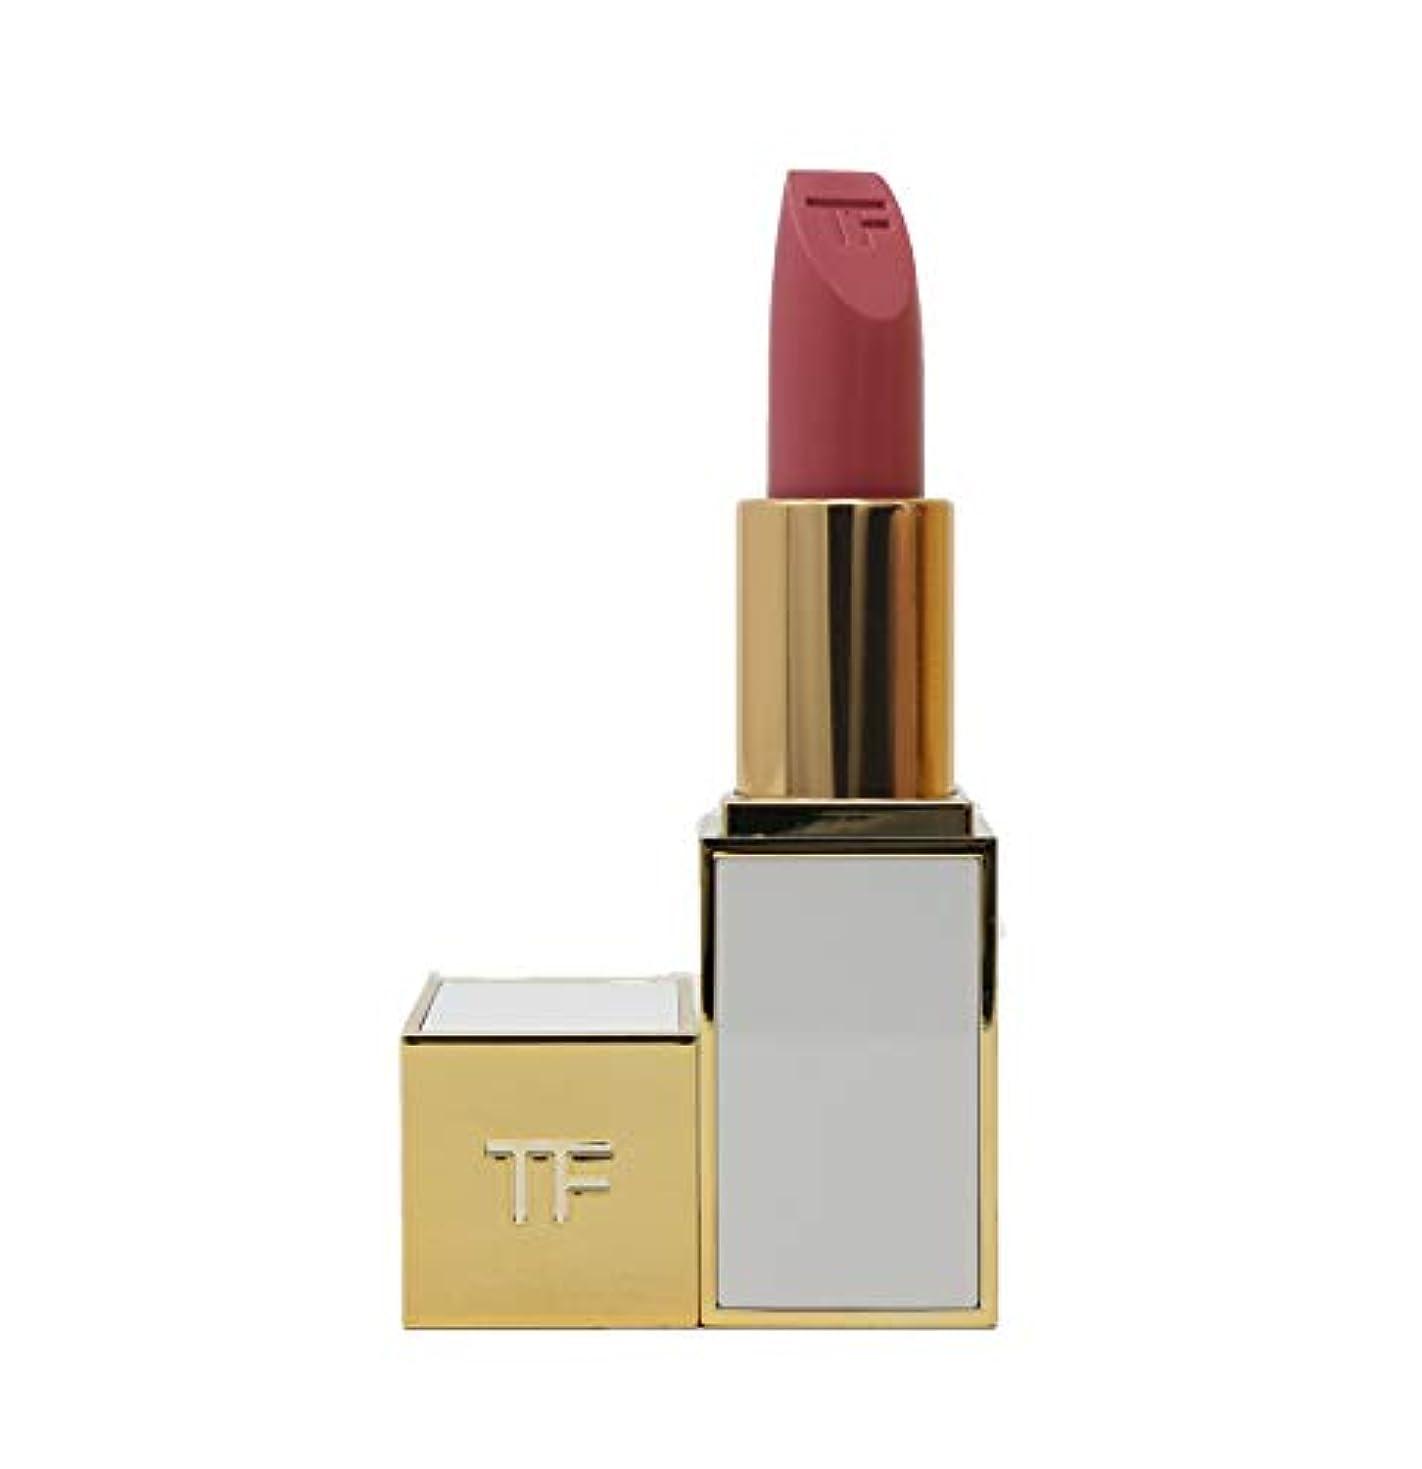 寸法きゅうり作成者トム フォード Lip Color Sheer - # 10 Carriacou 3g/0.1oz並行輸入品